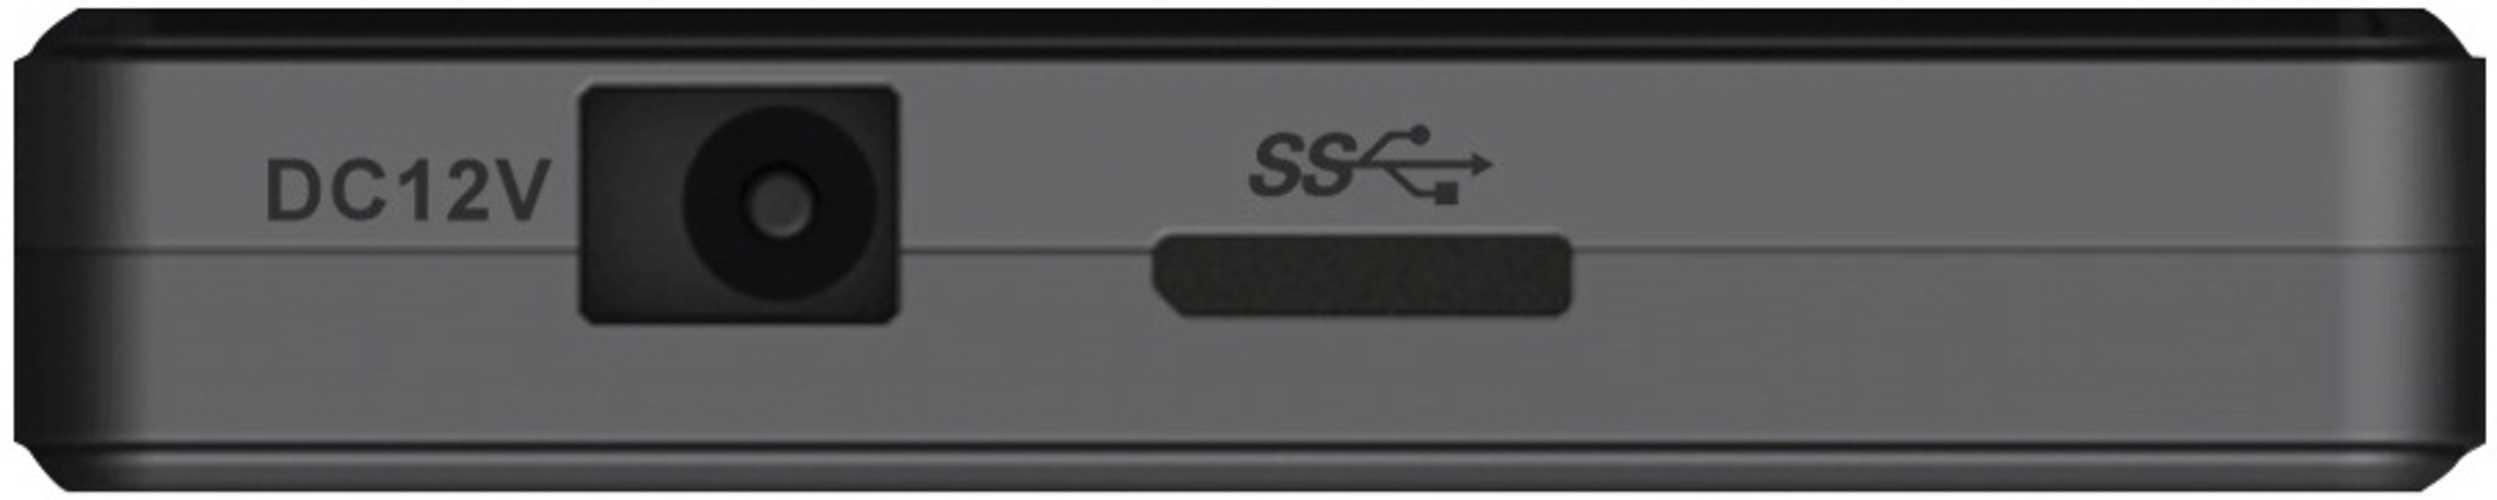 HUB 4 PORTS USB 3.0 NOIR + ALIMENTATION tshub3k-3